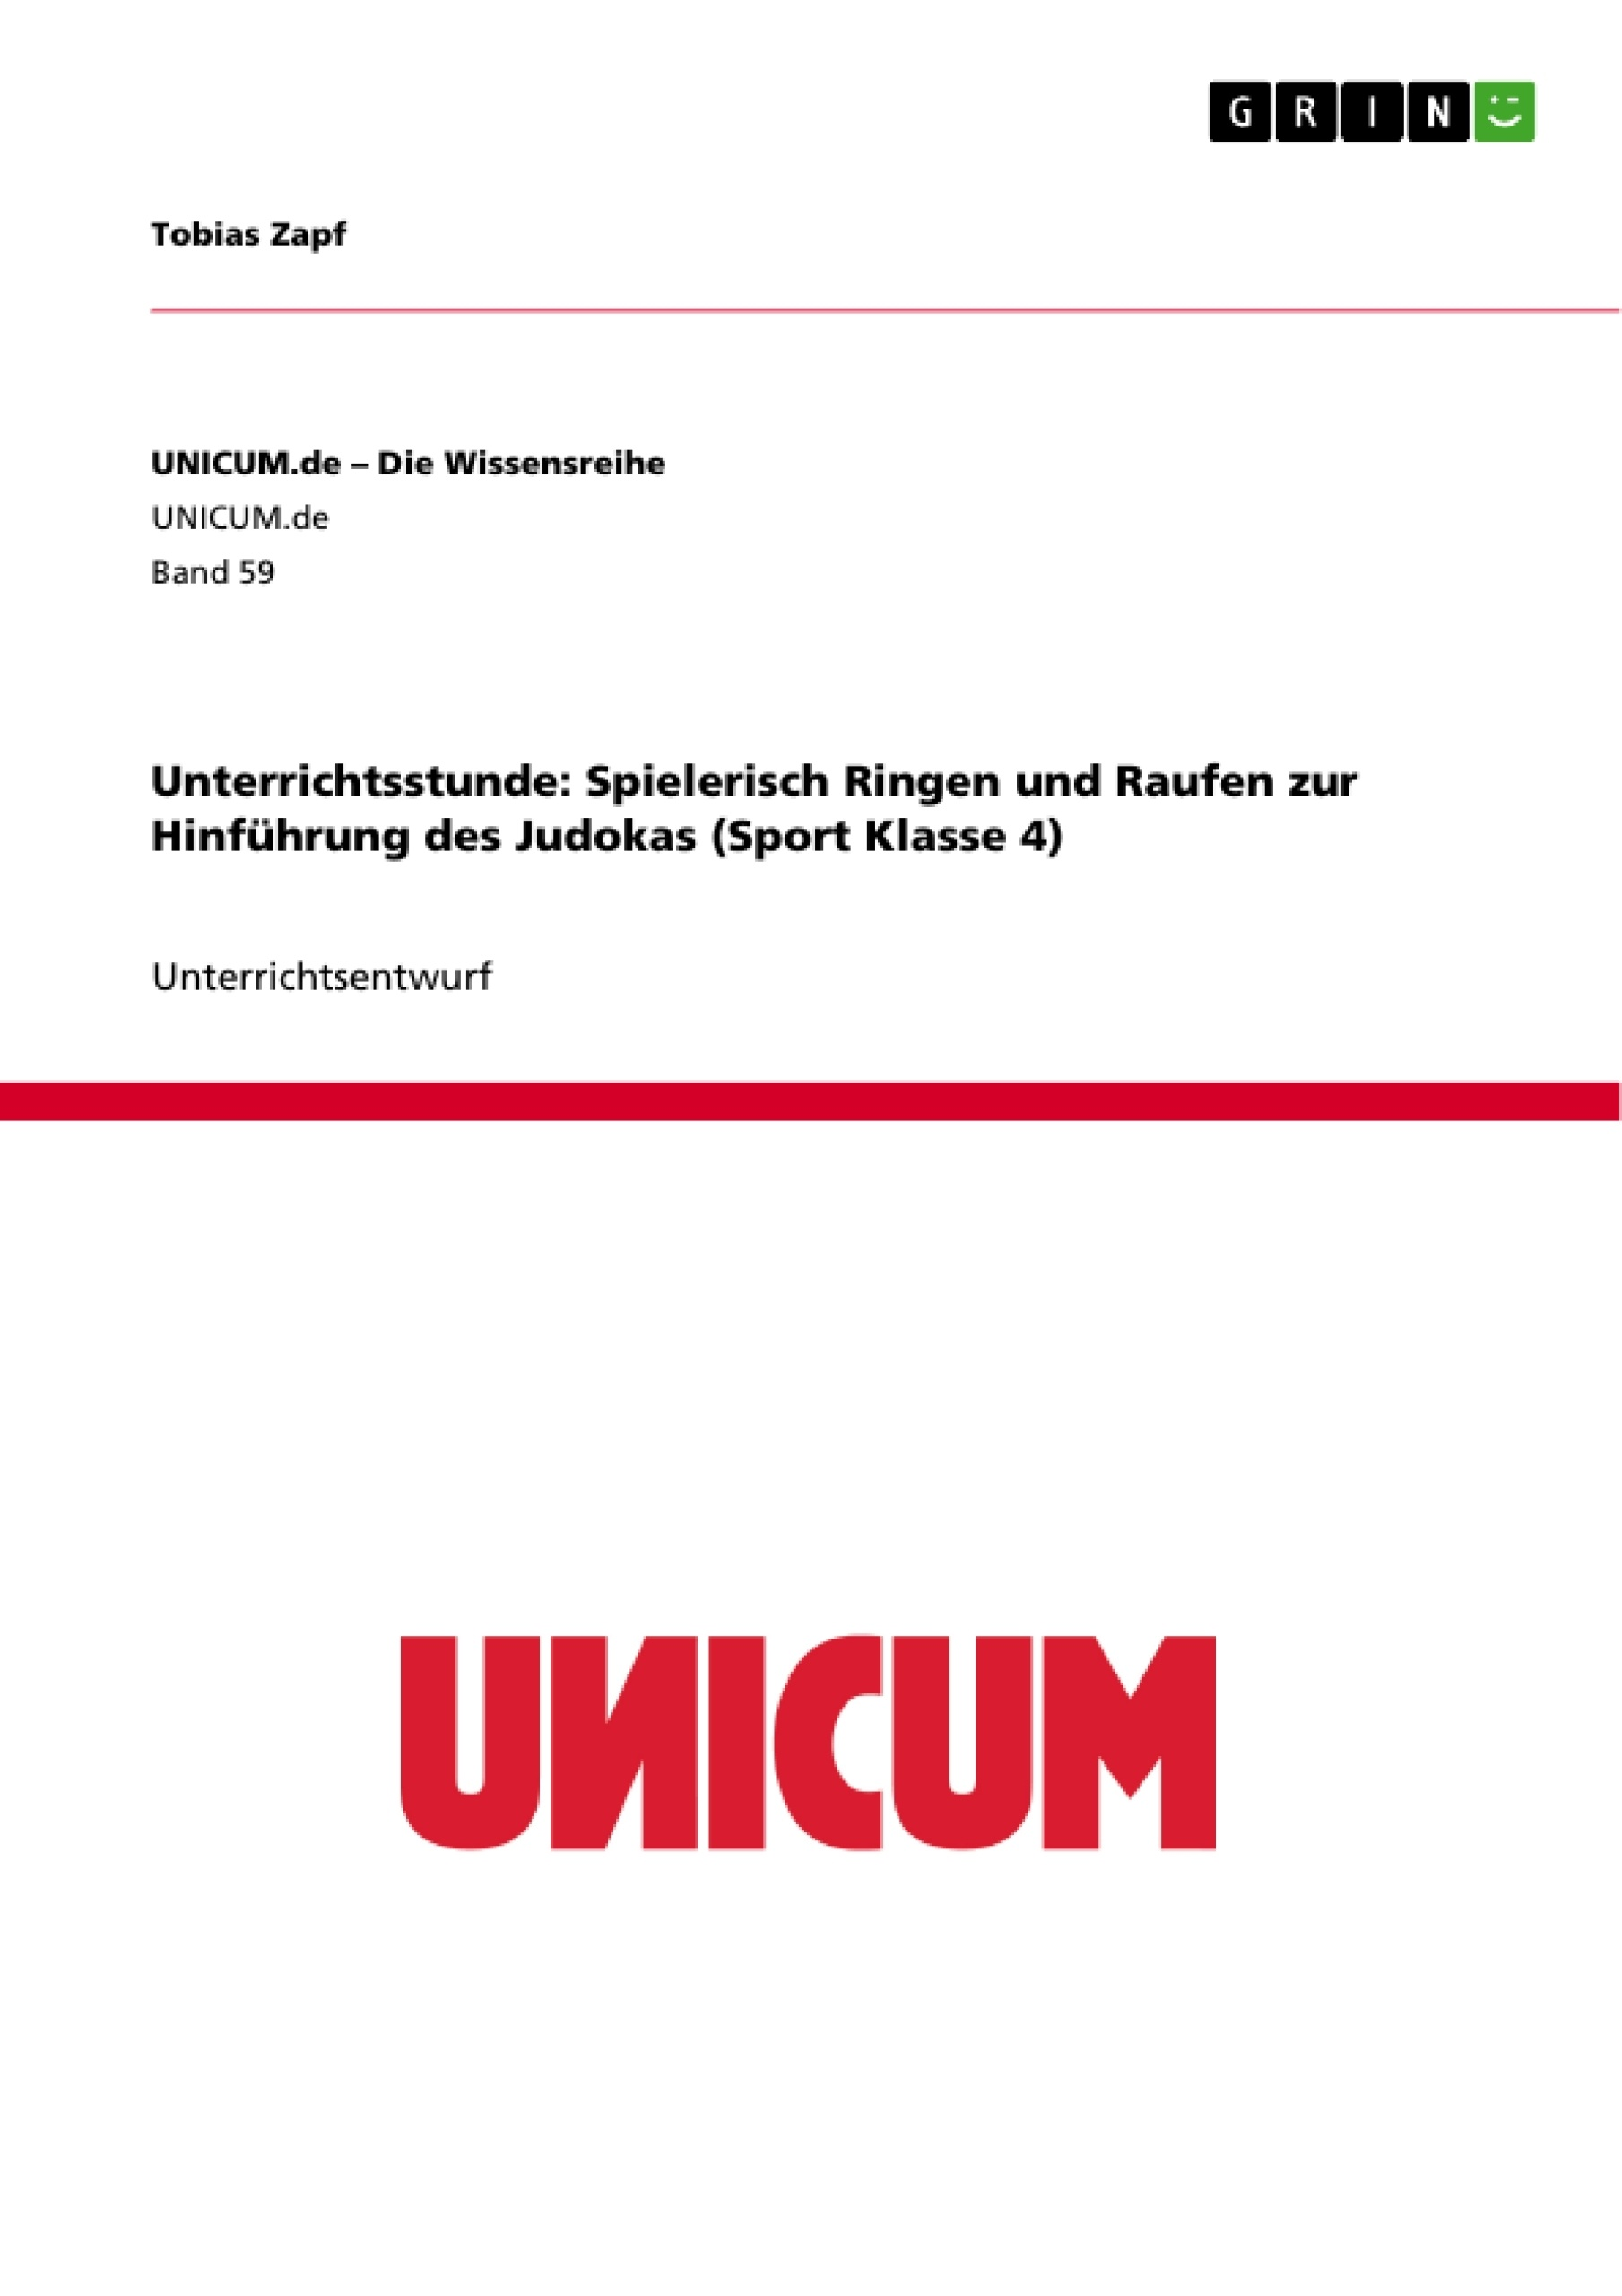 Titel: Unterrichtsstunde: Spielerisch Ringen und Raufen zur Hinführung des Judokas (Sport Klasse 4)